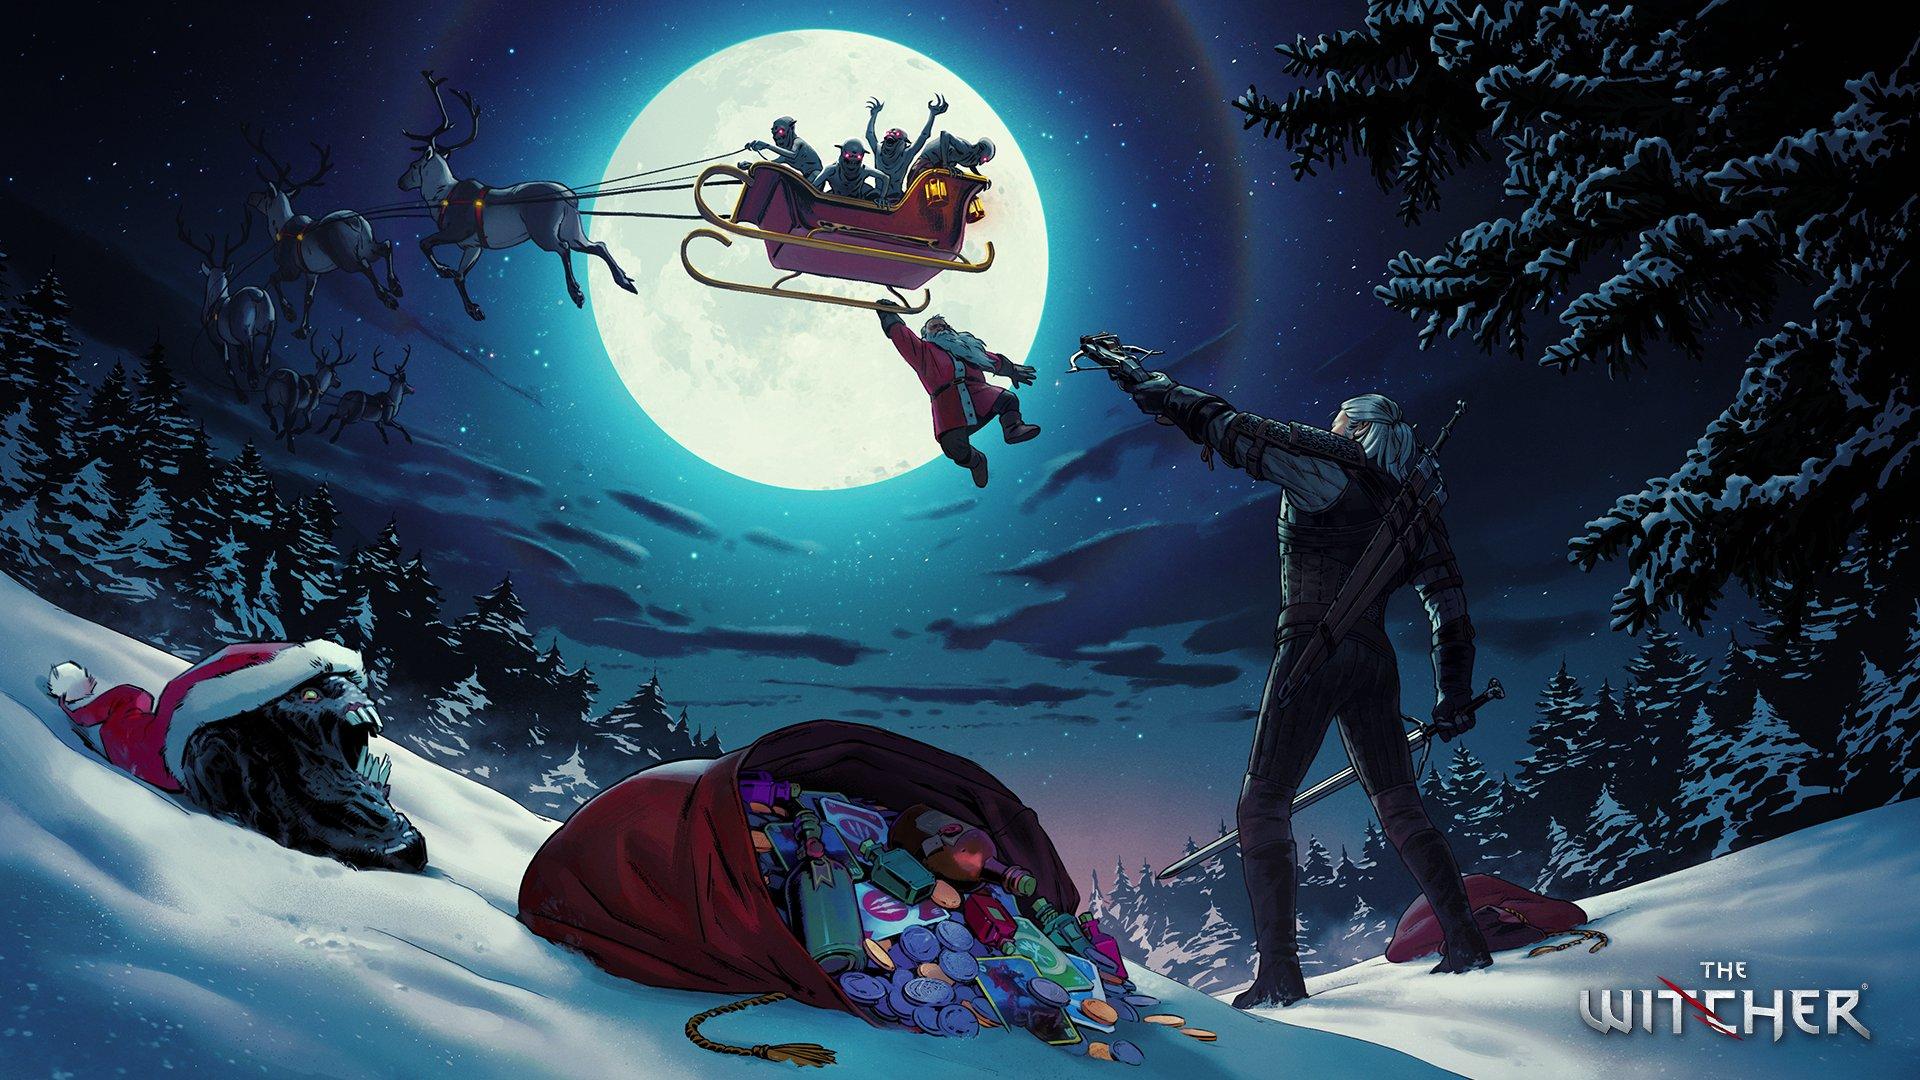 游戏厂商圣诞贺图小汇总 《生化危机8》等作送祝福